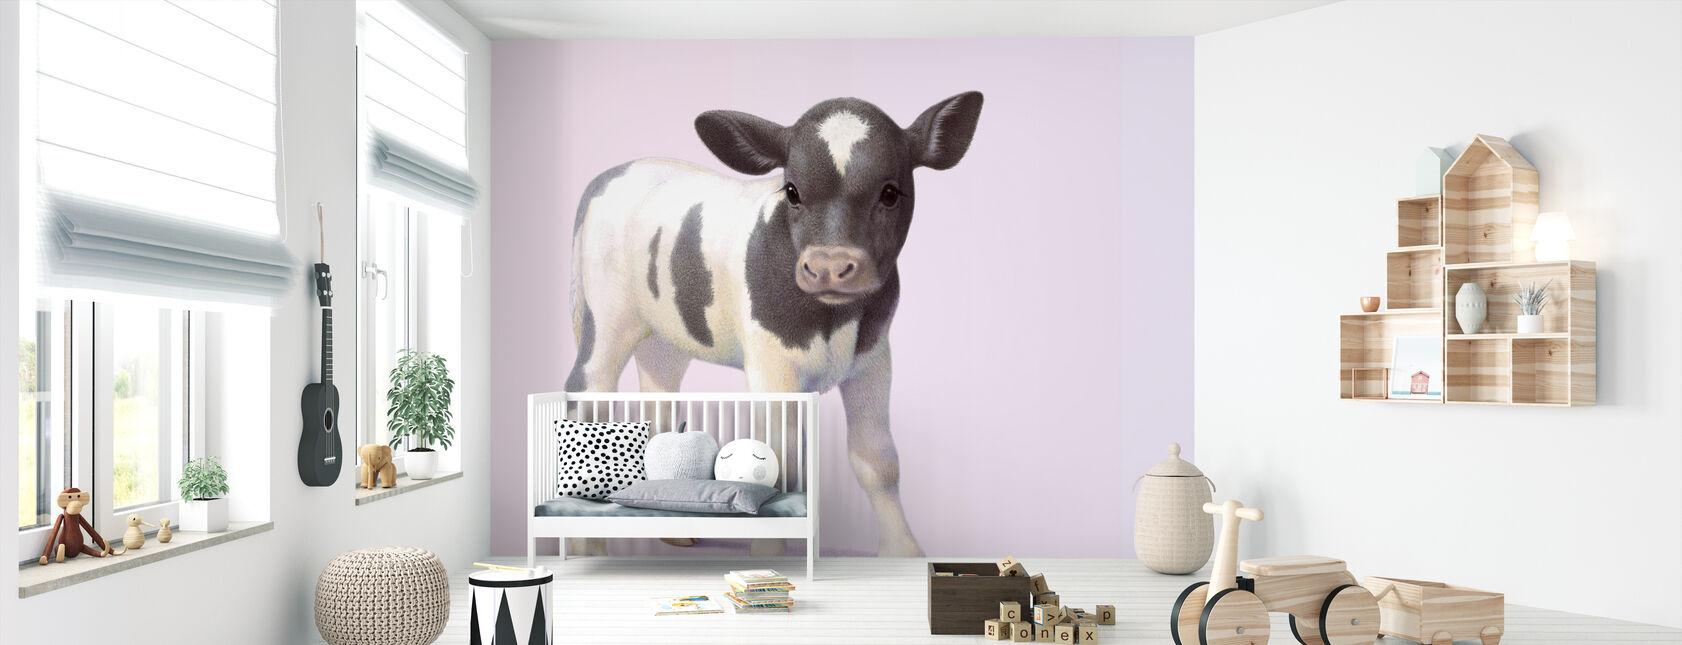 Vasikka Pysyvä - Tapetti - Vauvan huone